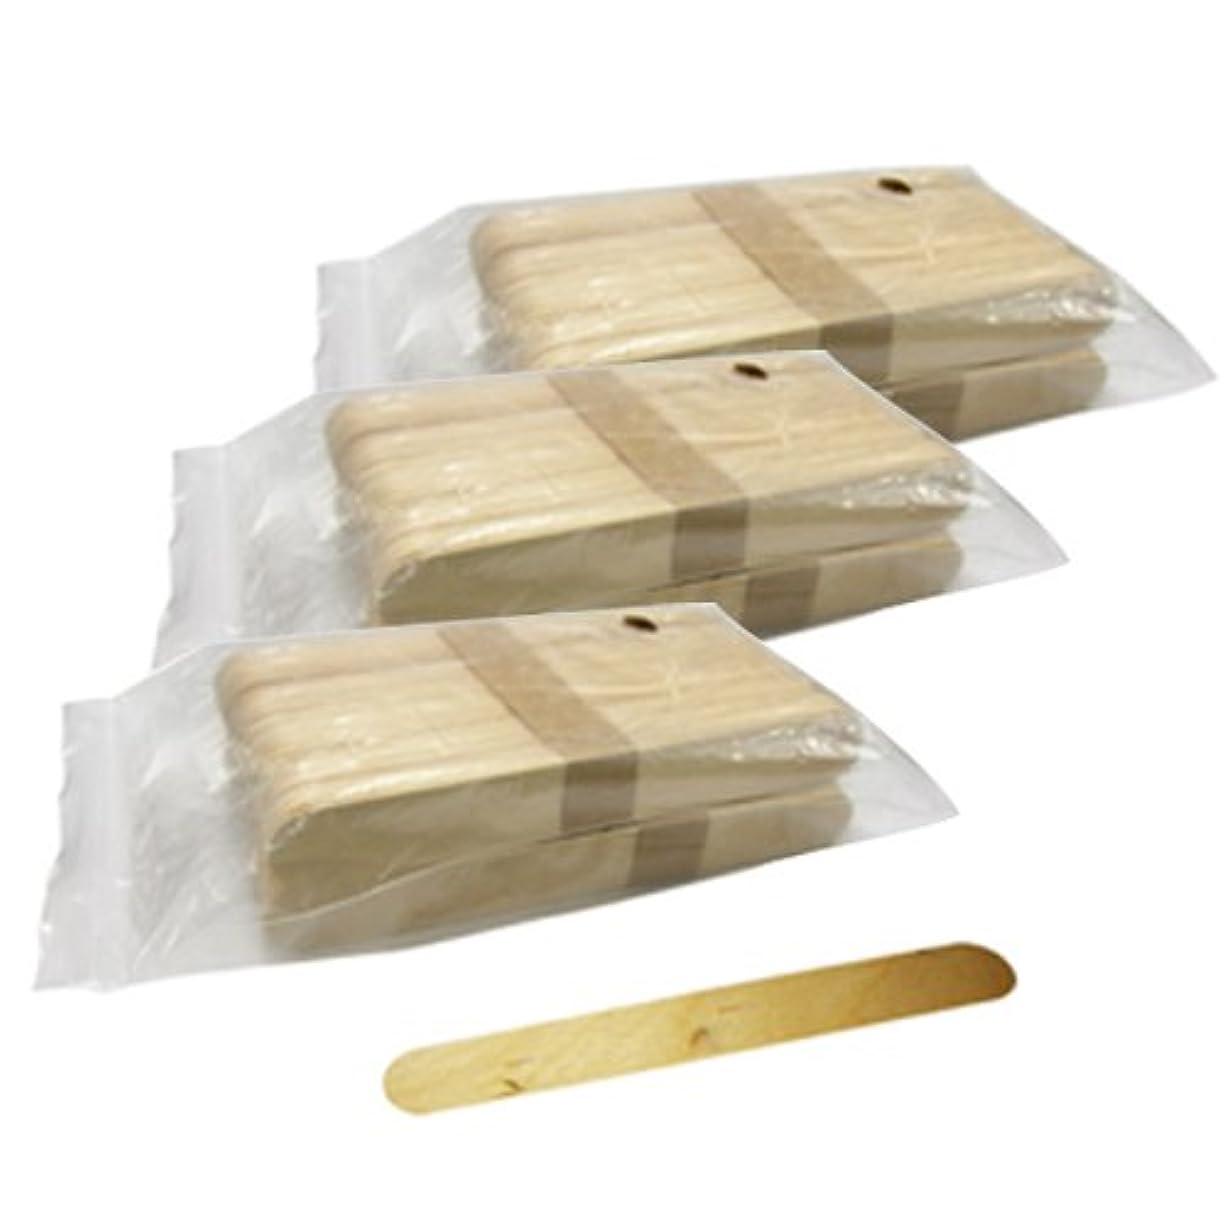 ラジエーター忠実硫黄使い捨て【木ベラ/ウッドスパチュラ】(業務用100枚入り) × 3袋セット(計300枚)/WAX脱毛等や舌厚子にも …